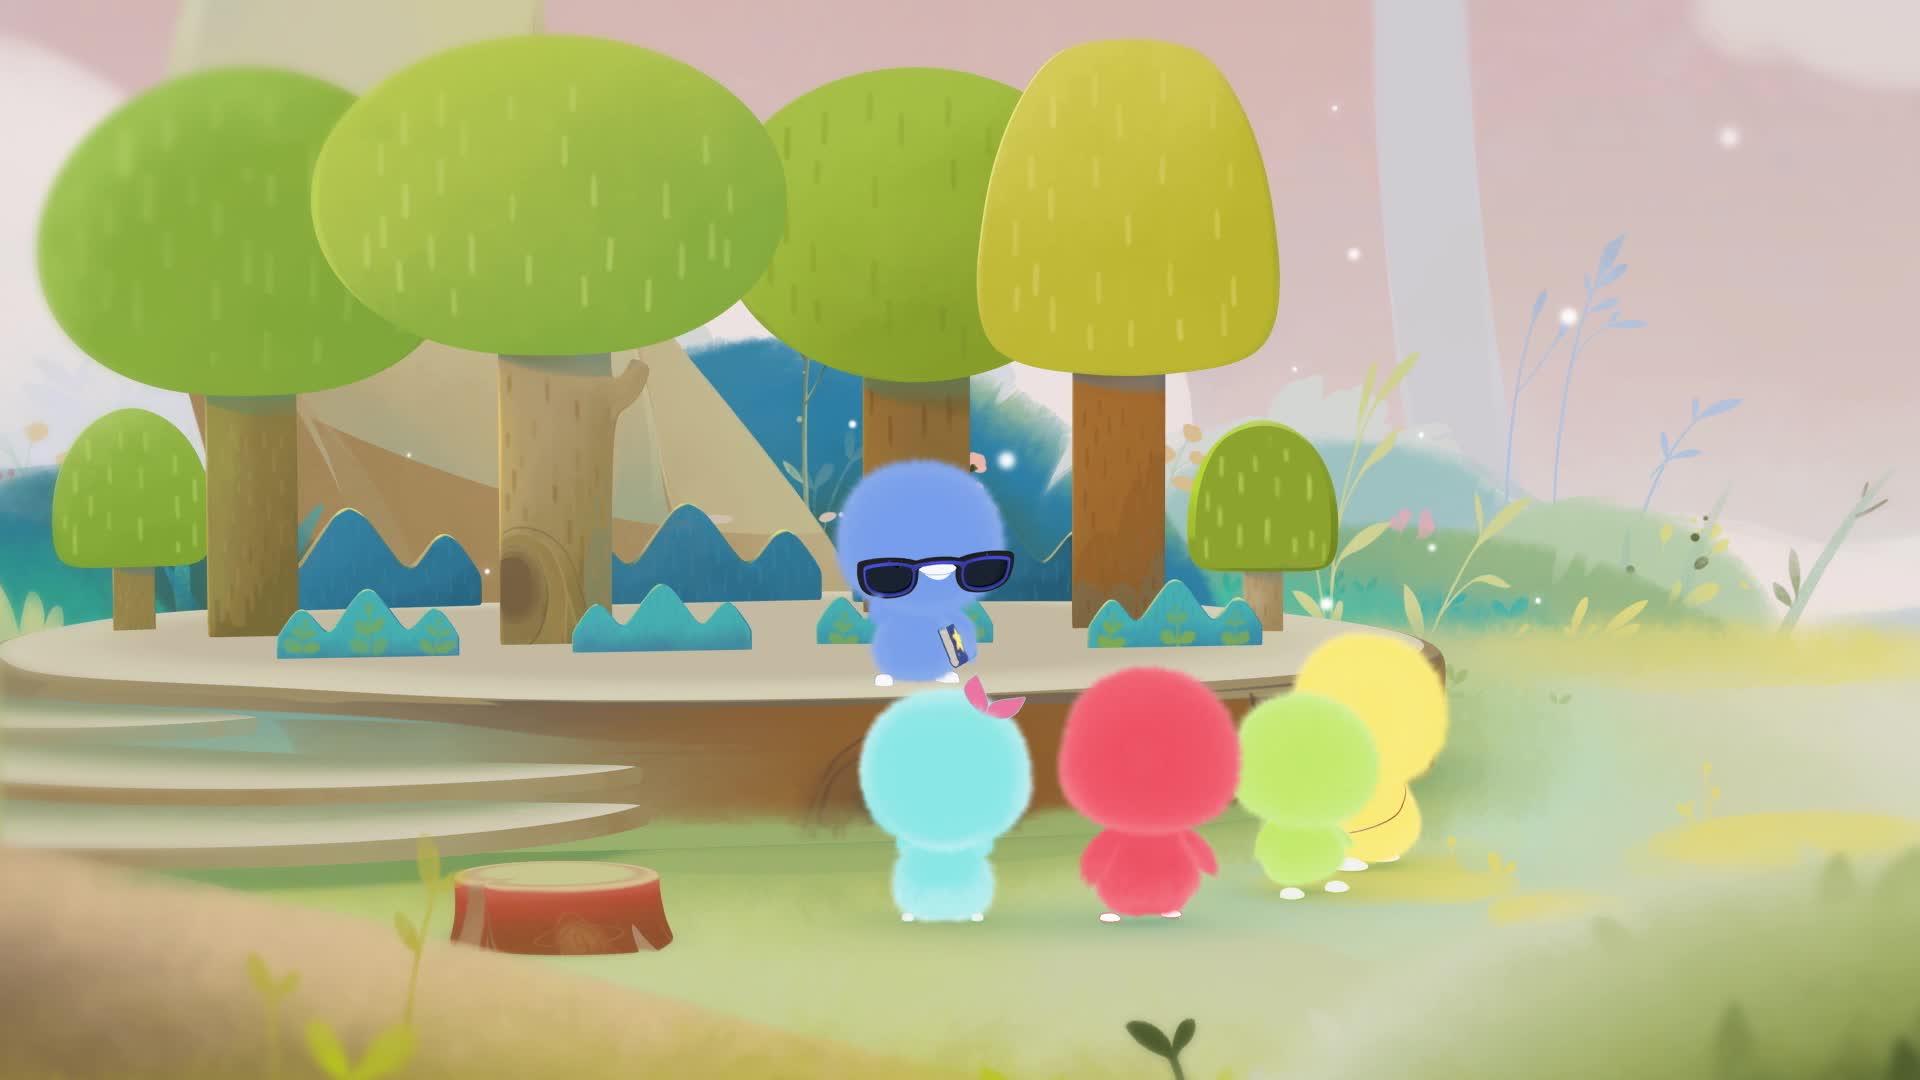 《小鸡彩虹》 第六季 03重要的小苹果